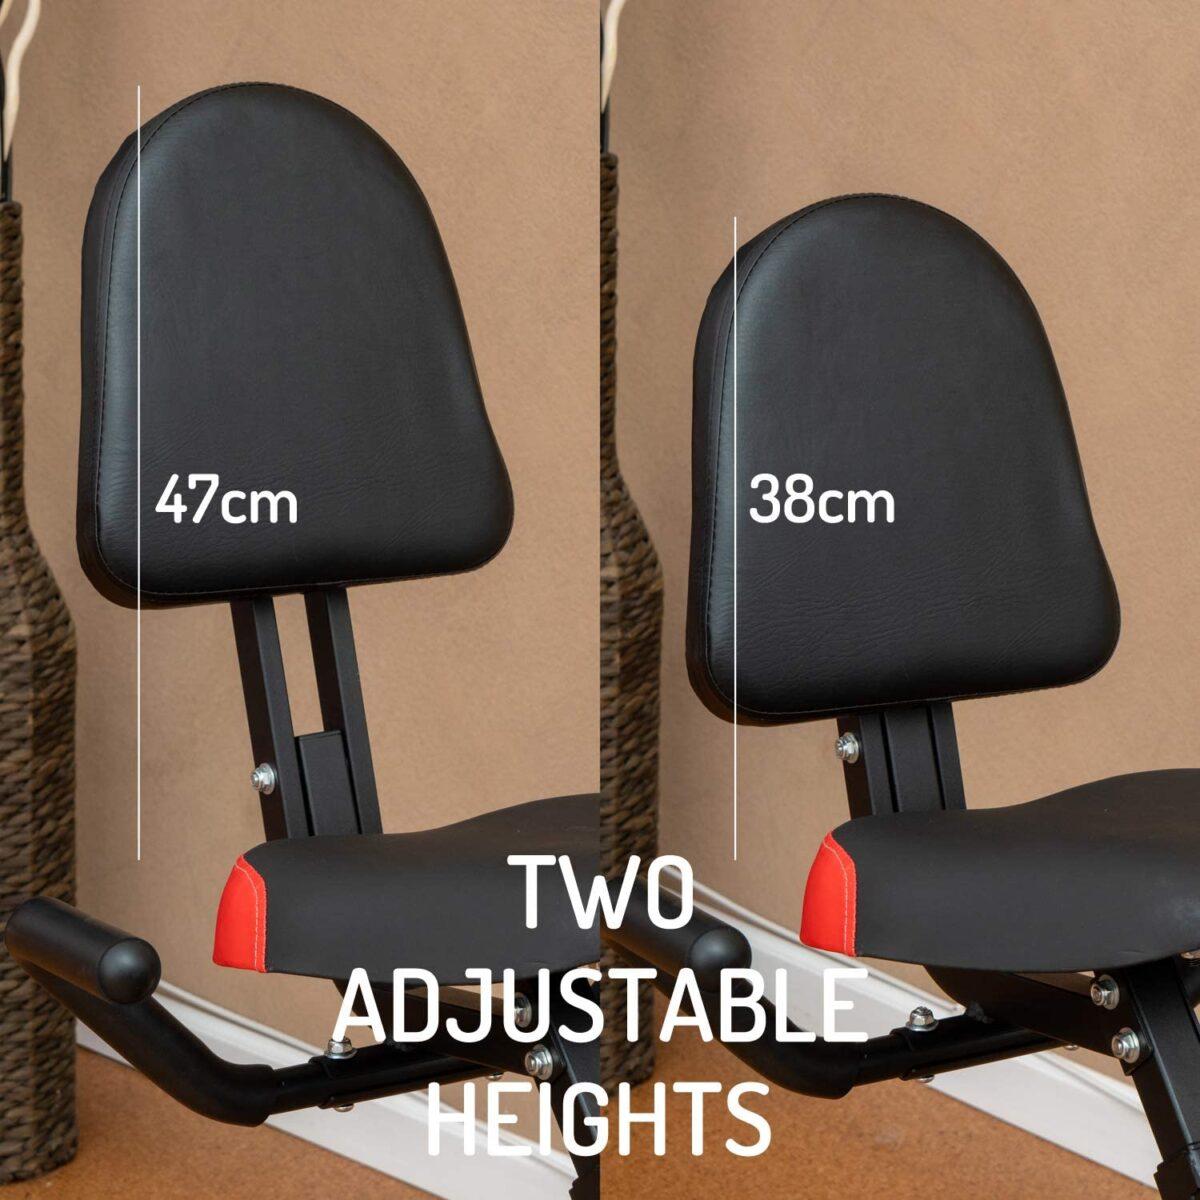 YYFITT 2 in 1 Foldable Fitness Exercise Bike seat adjustment voucher code